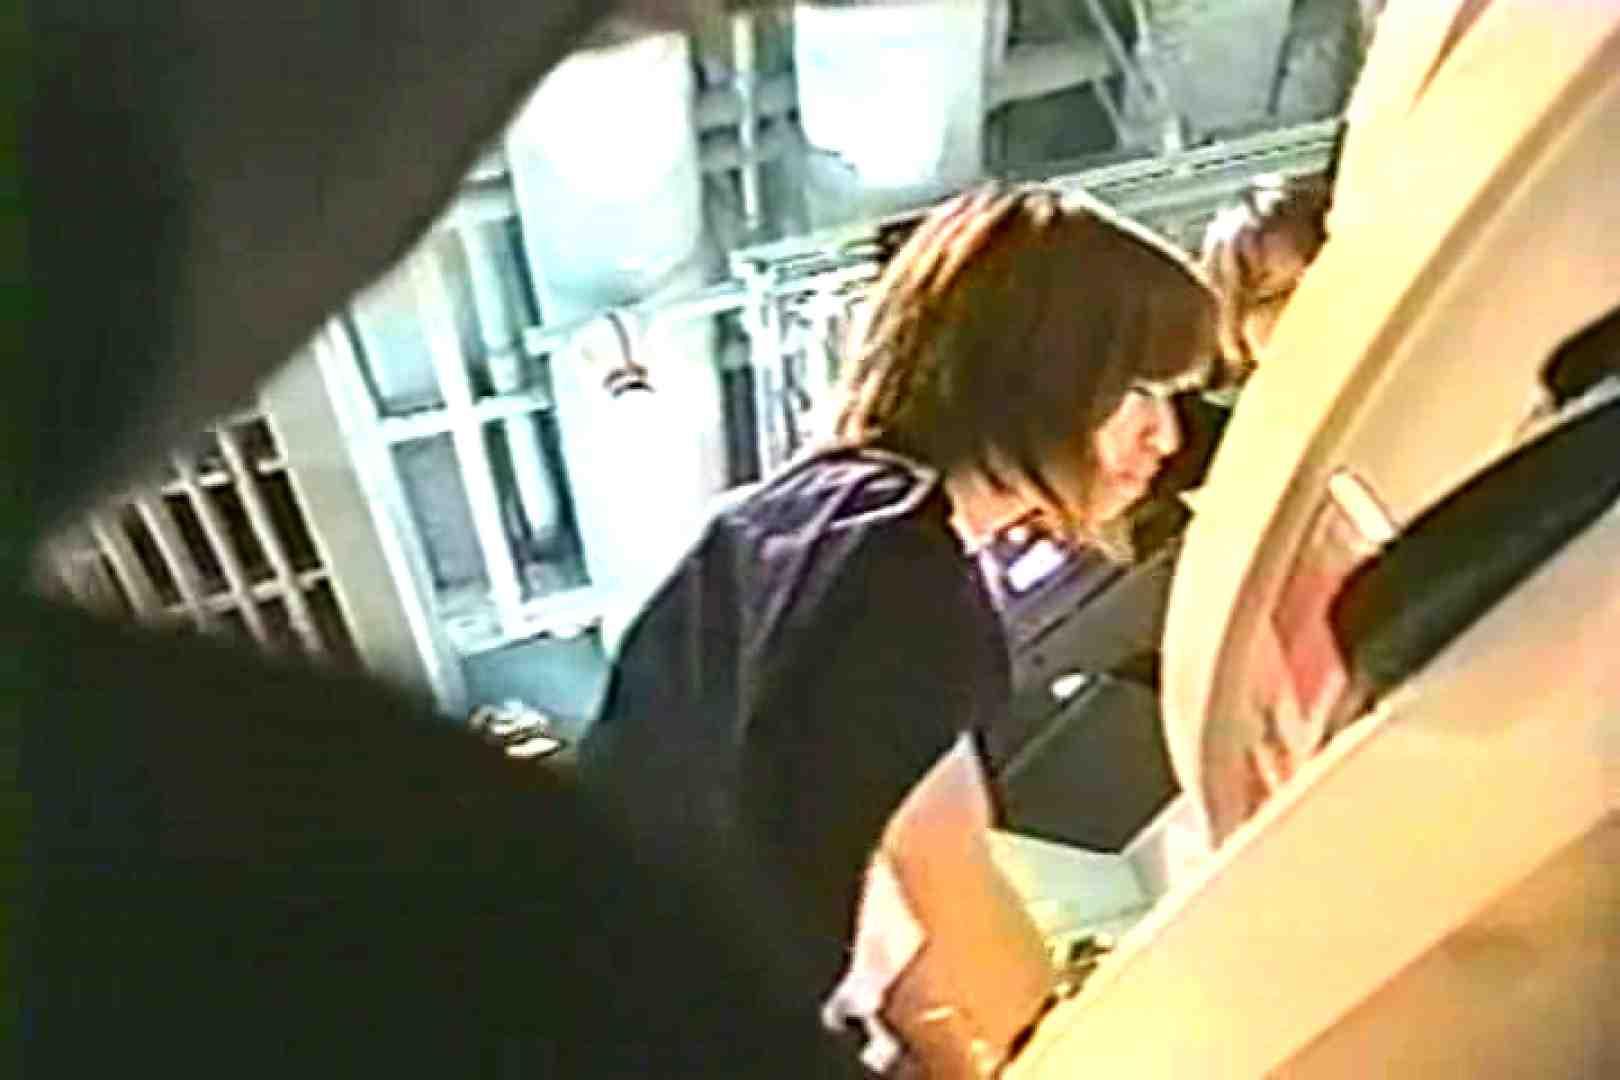 「ちくりん」さんのオリジナル未編集パンチラVol.9_02 チラ   パンチラのぞき  95画像 40